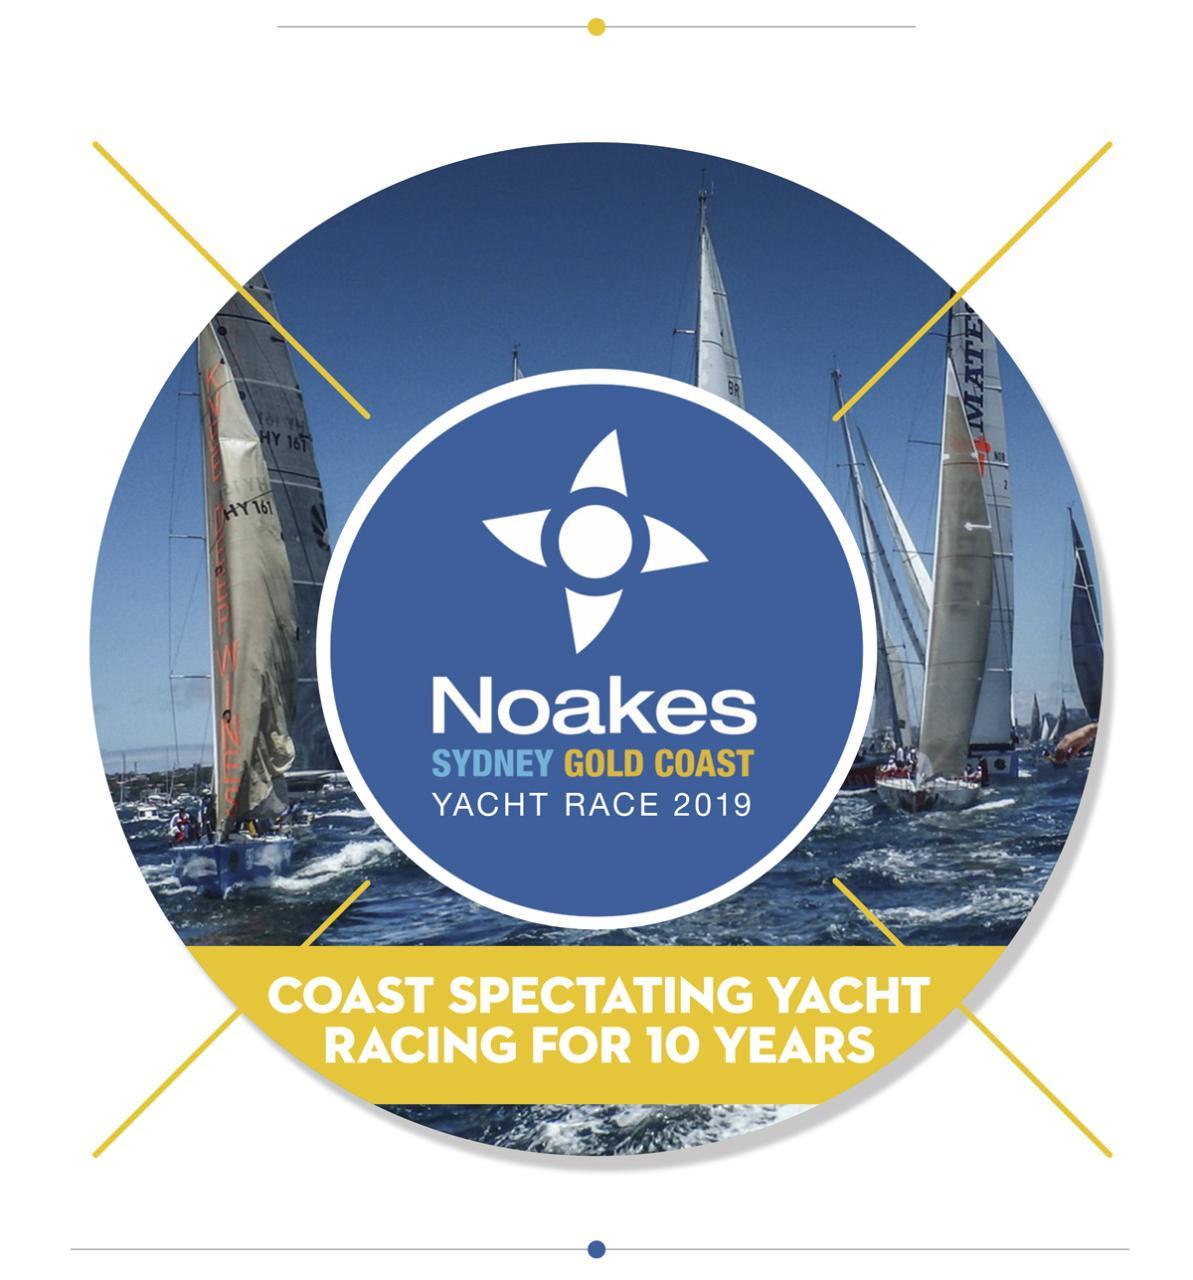 Noakes Sydney Gold Coast Yacht Race 2020